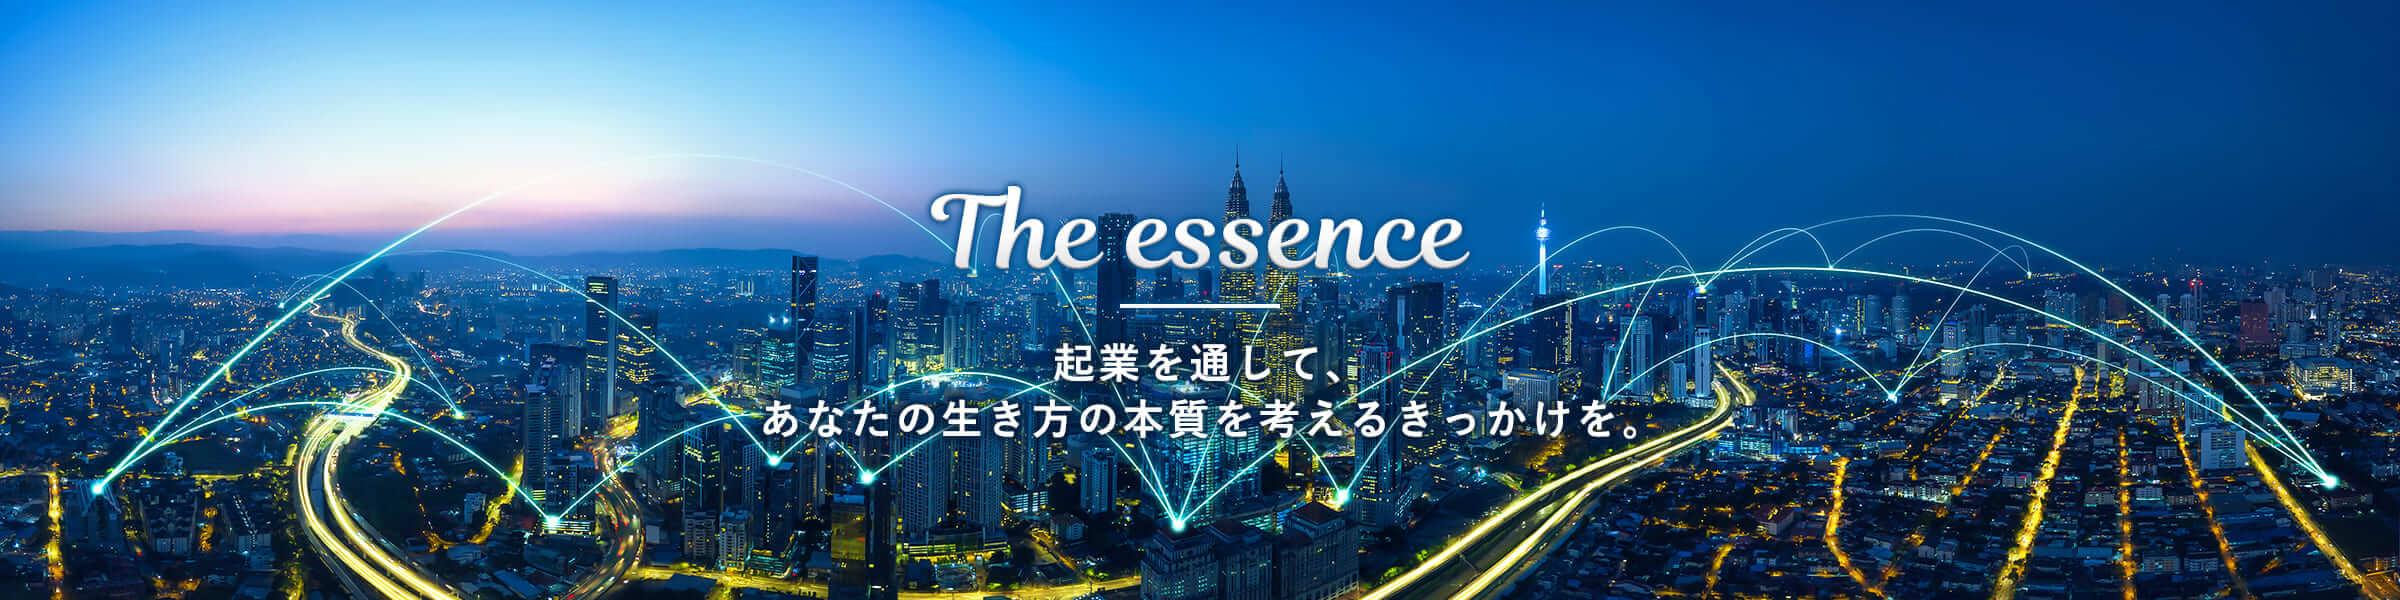 The essence 起業を通して、あなたの生き方の本質を考えるきっかけを。